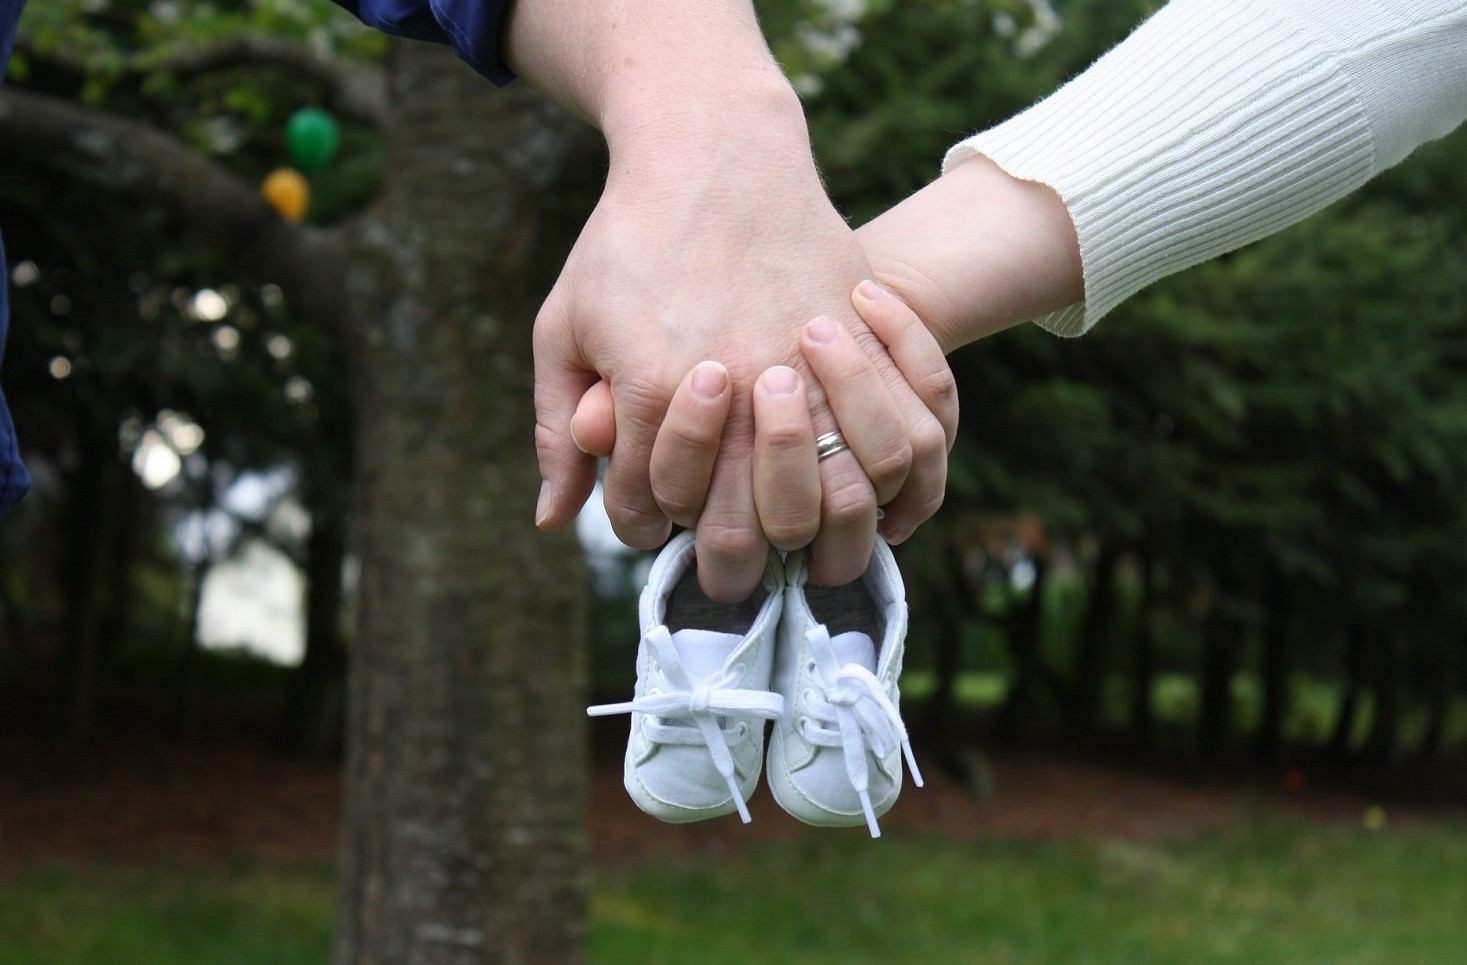 Maternità e part time 2020 calcolo indennità spettante. Quanto si prende e durata